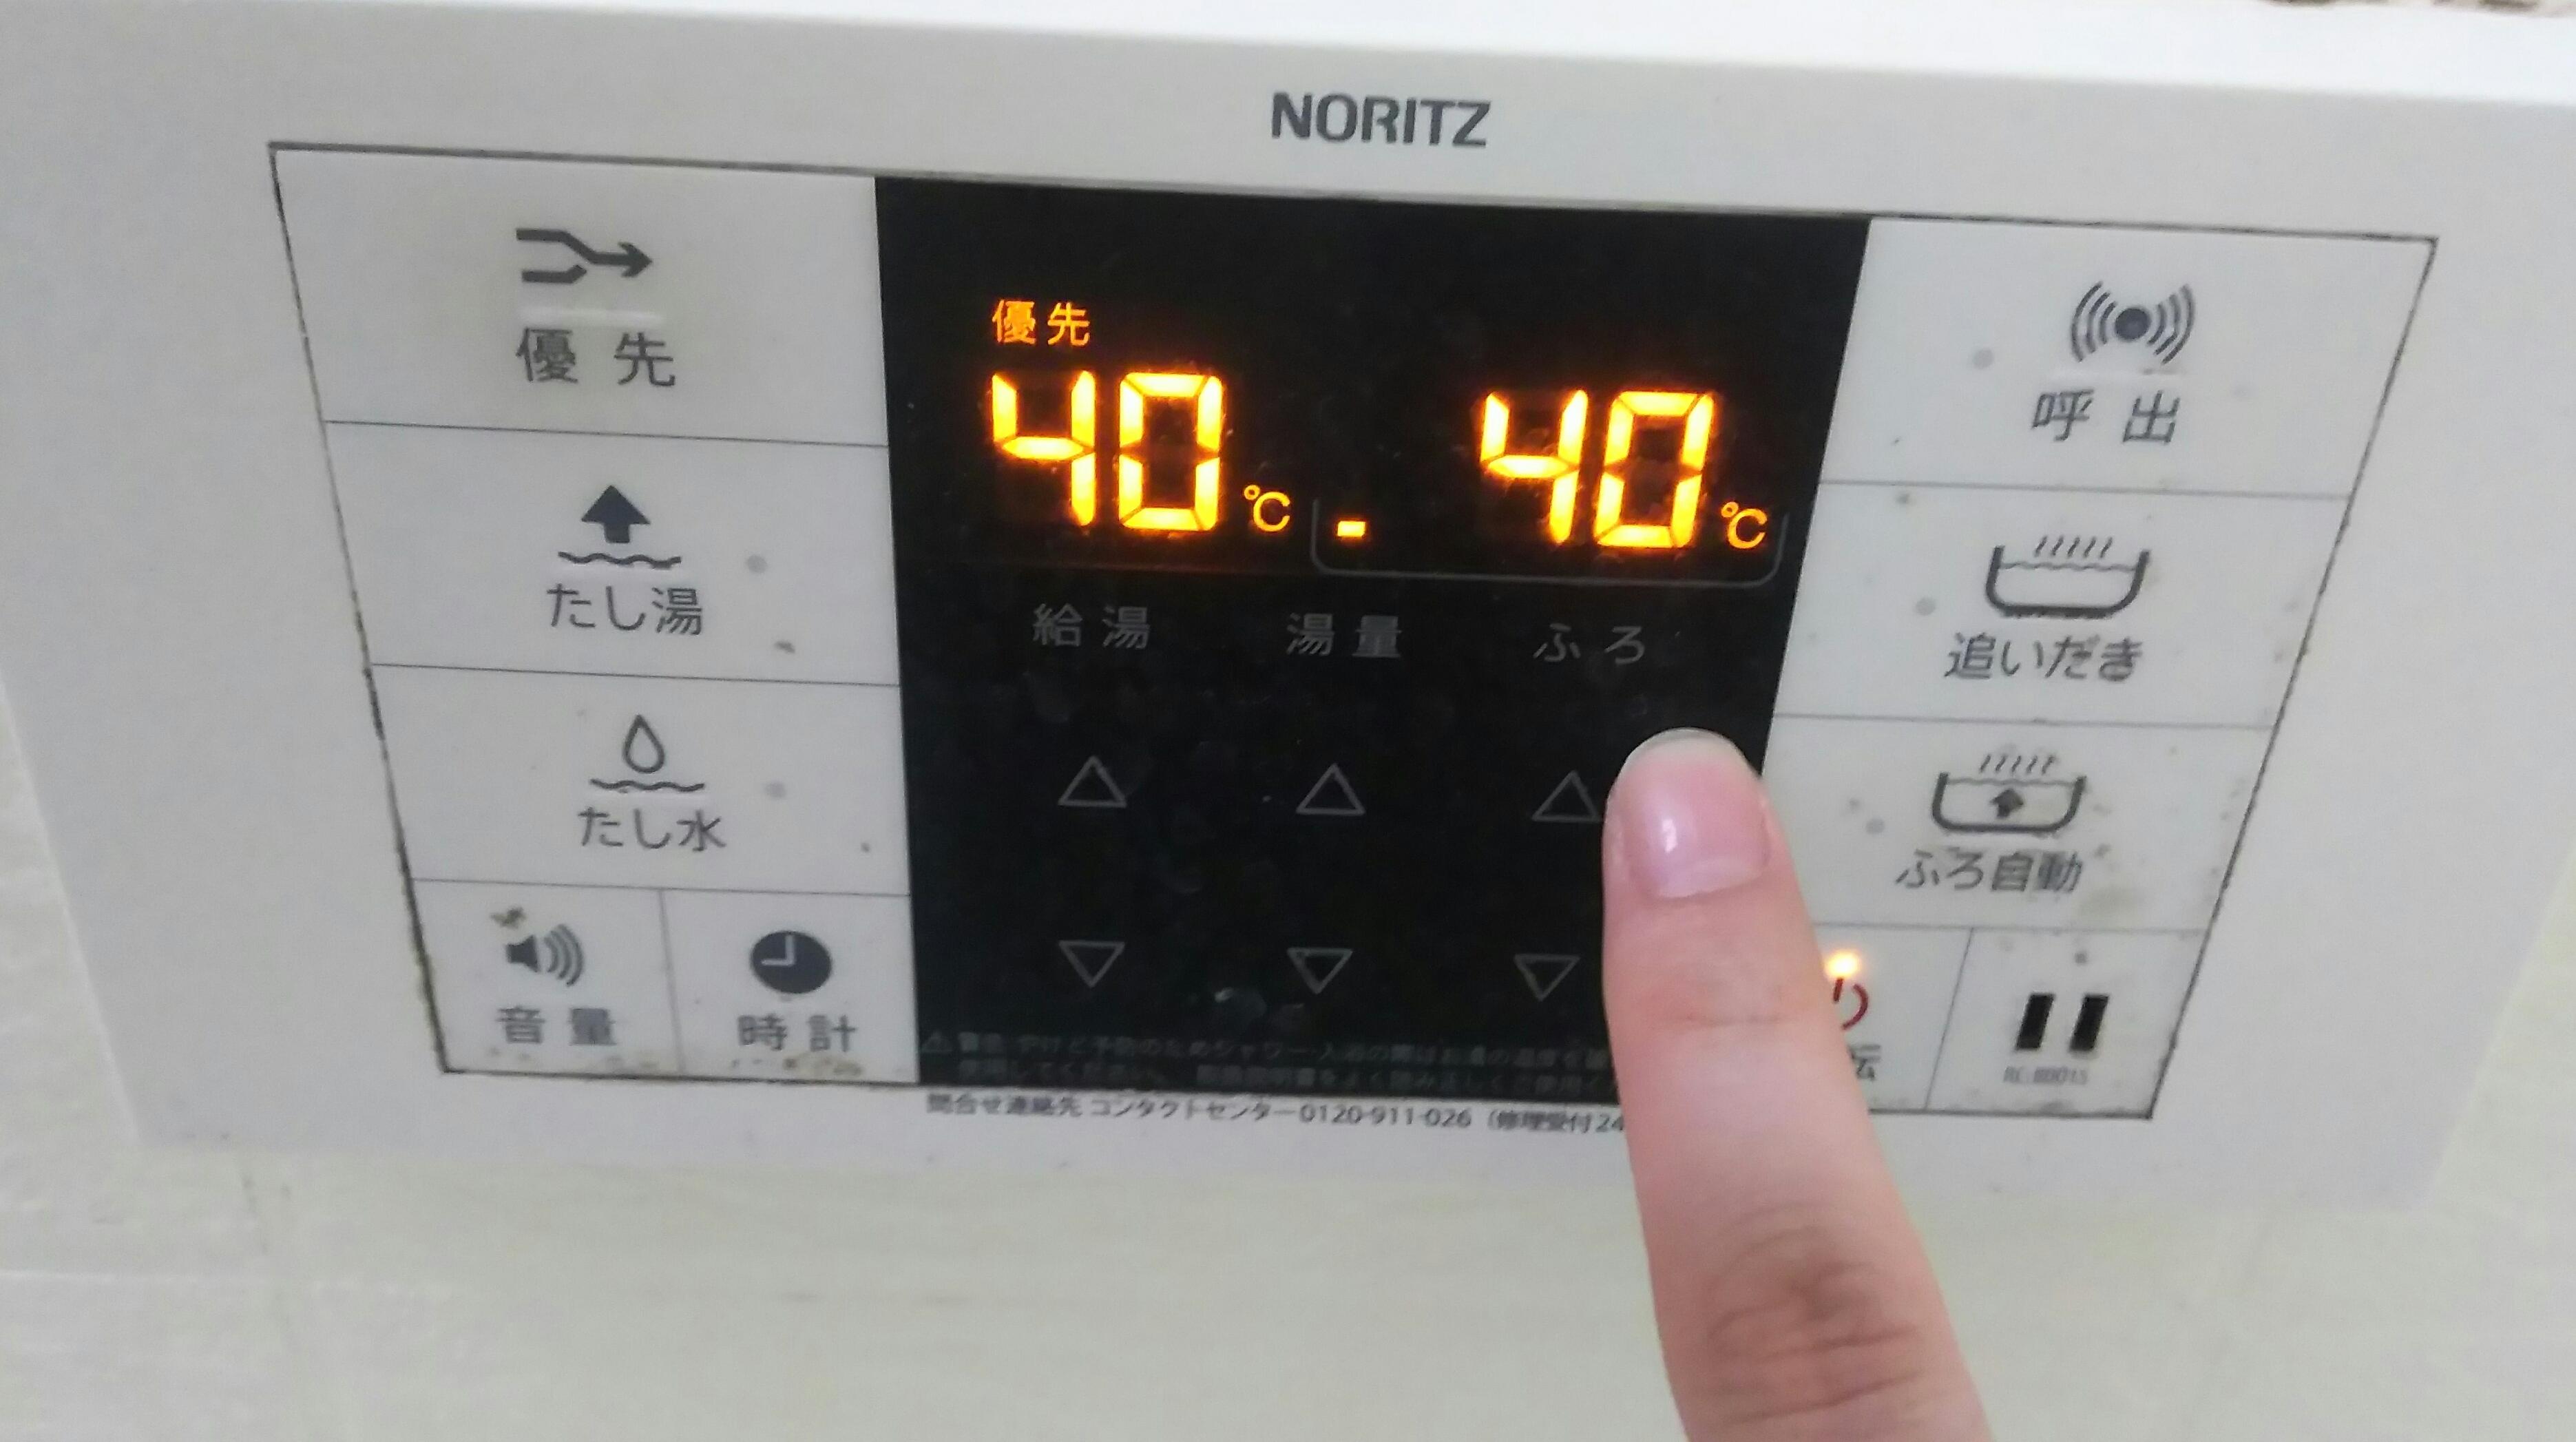 おふろを40度に設定する写真